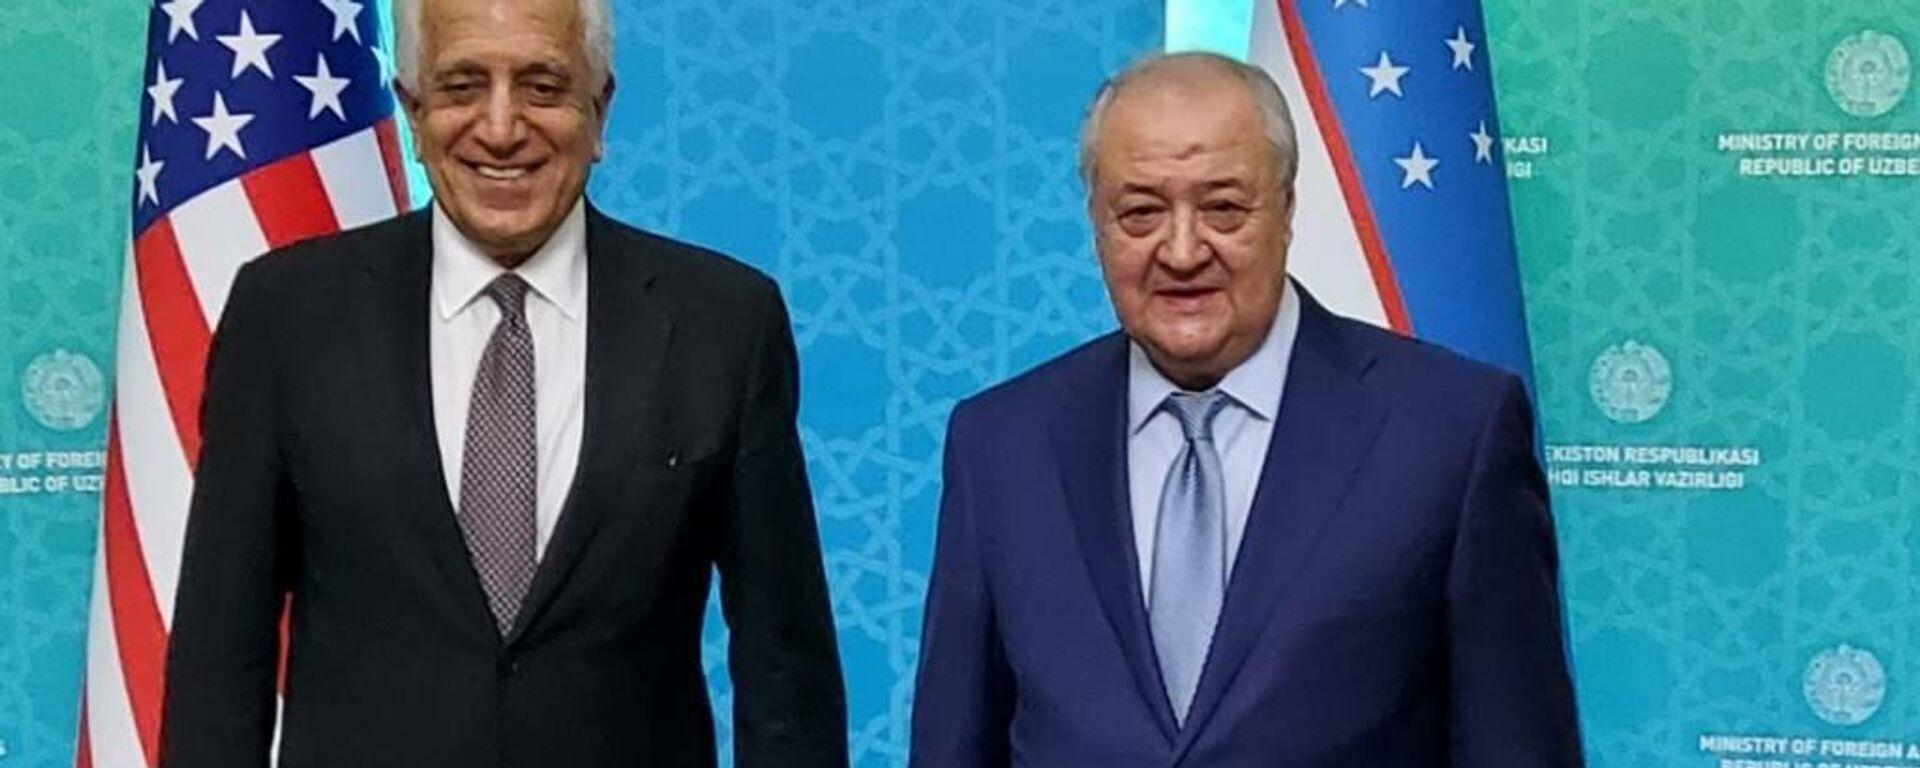 Глава МИД Узбекистана Абдулазиз Камилов (справа) провел переговоры со Специальным представителем США по афганскому примирению Залмаем Халилзадом (слева) - Sputnik Узбекистан, 1920, 02.05.2021